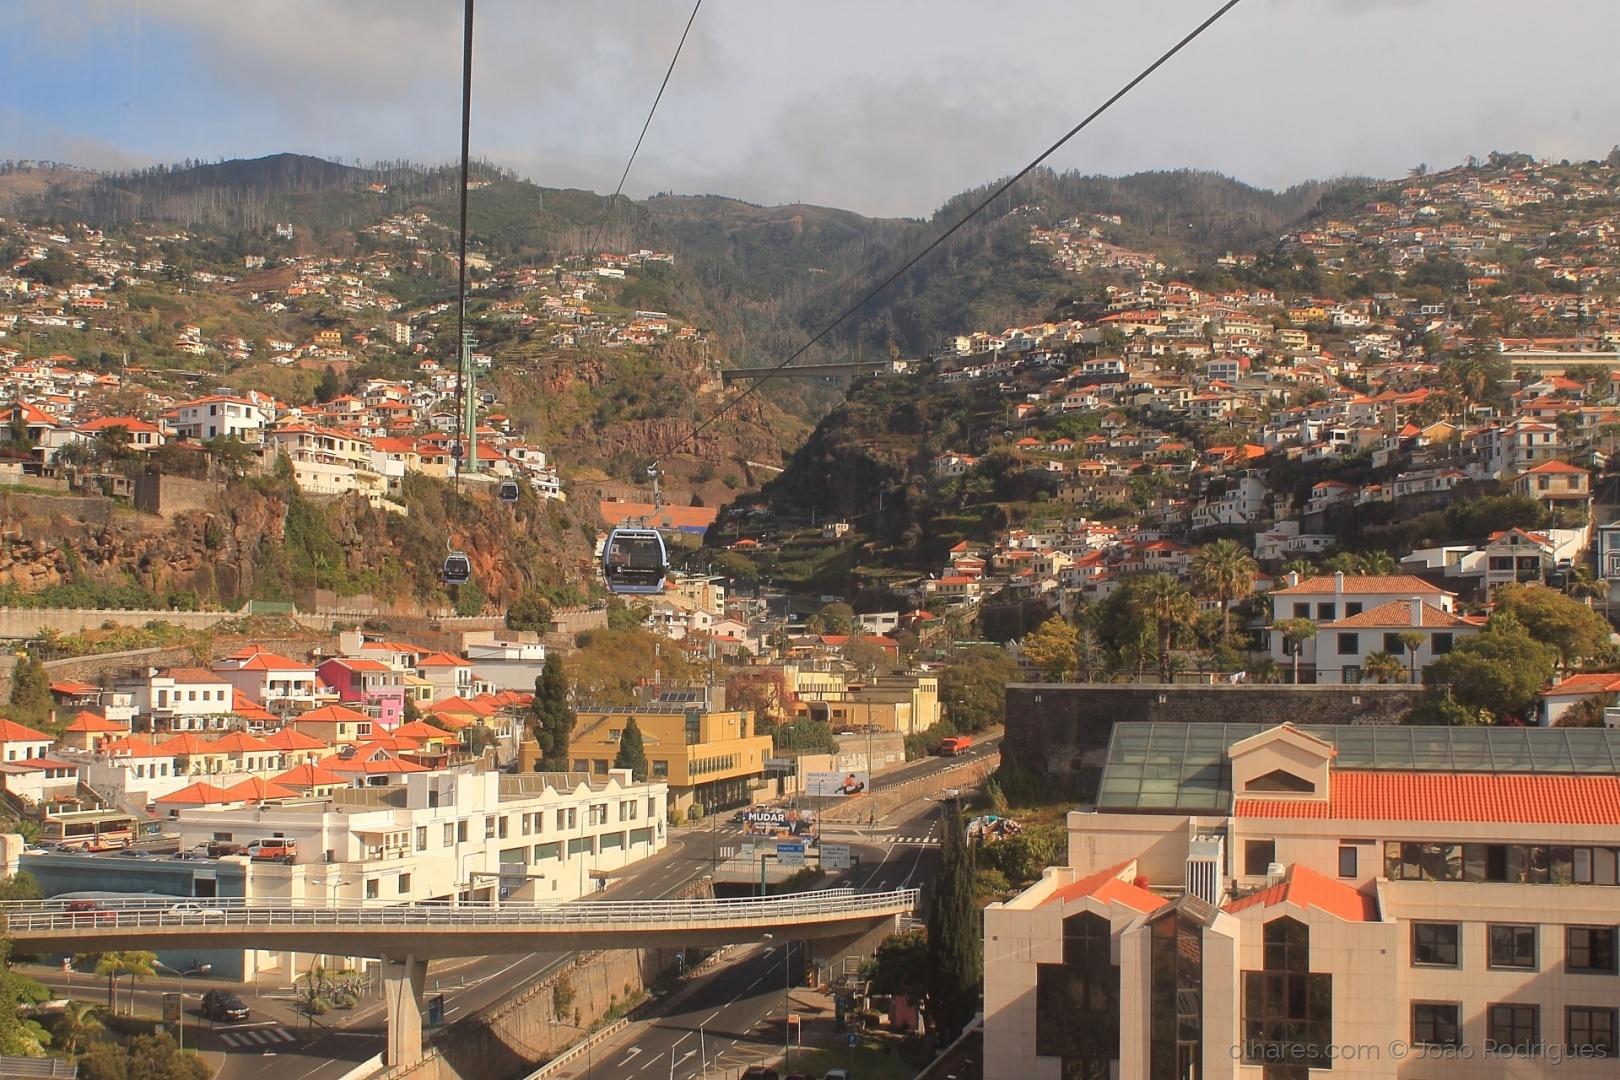 Paisagem Urbana/Funchal, Madeira.